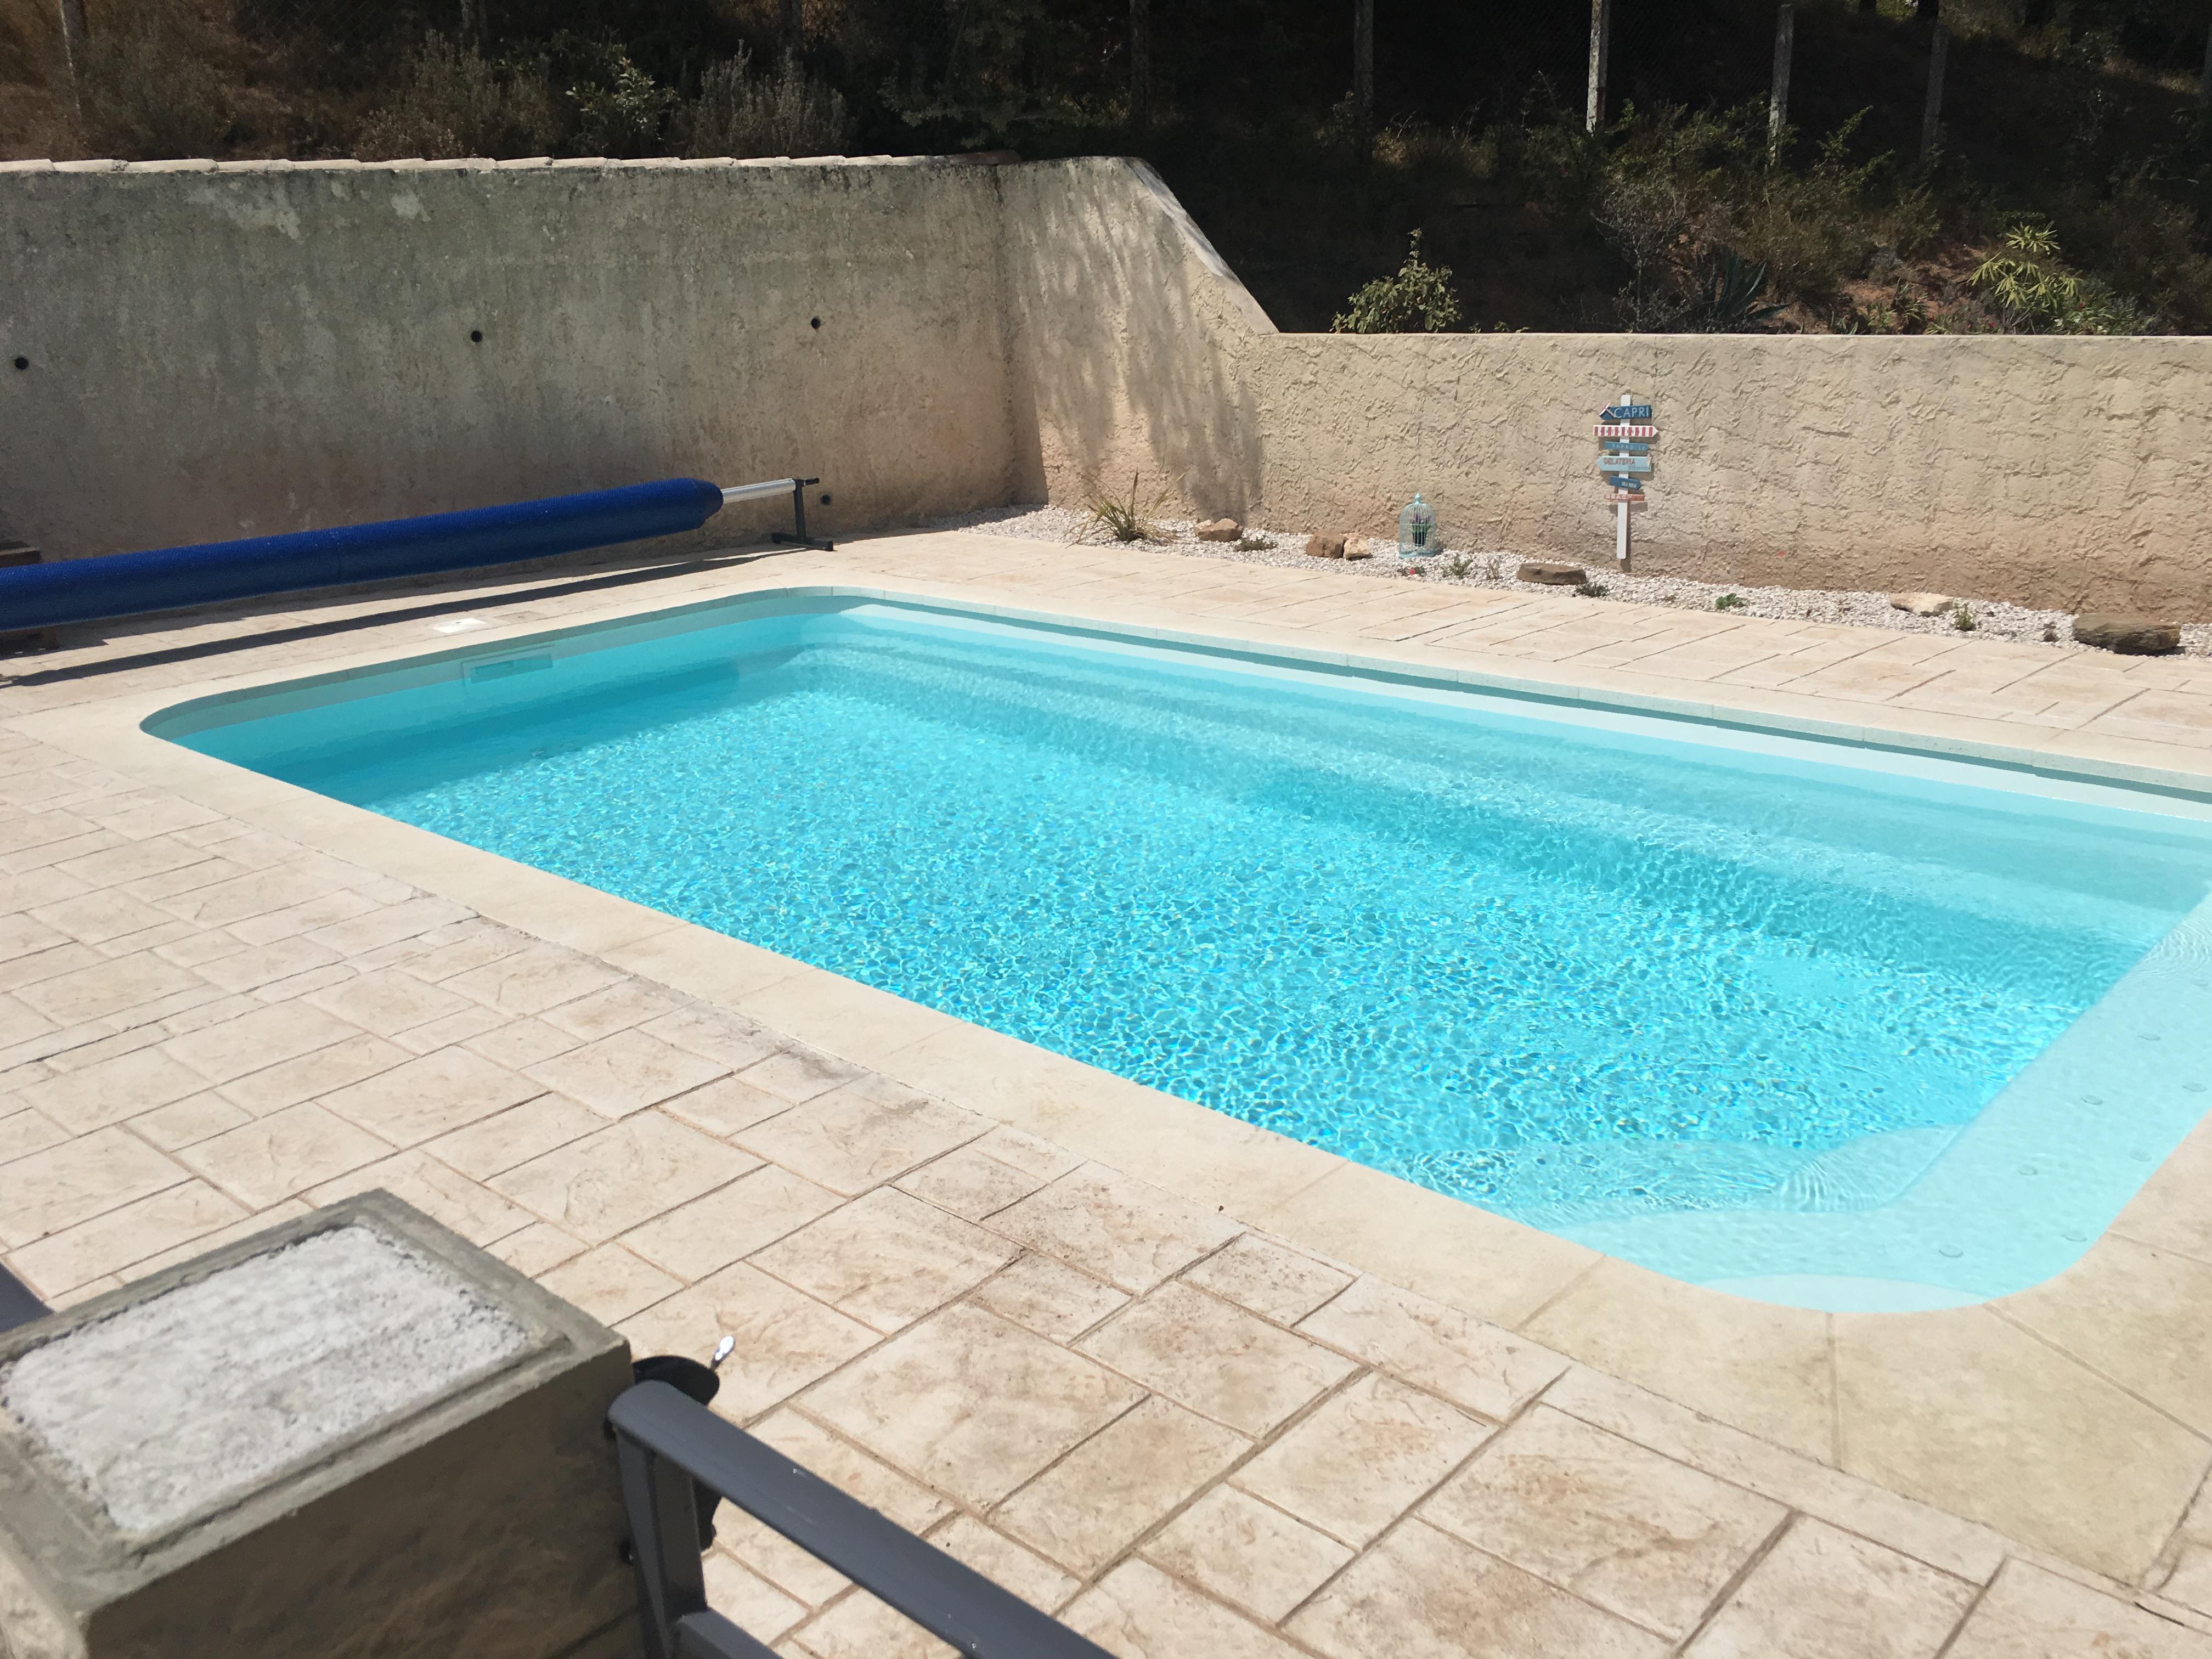 Installation d 39 une piscine sur martigues 7 x 3 5 m for Piscine coque 5 x 3